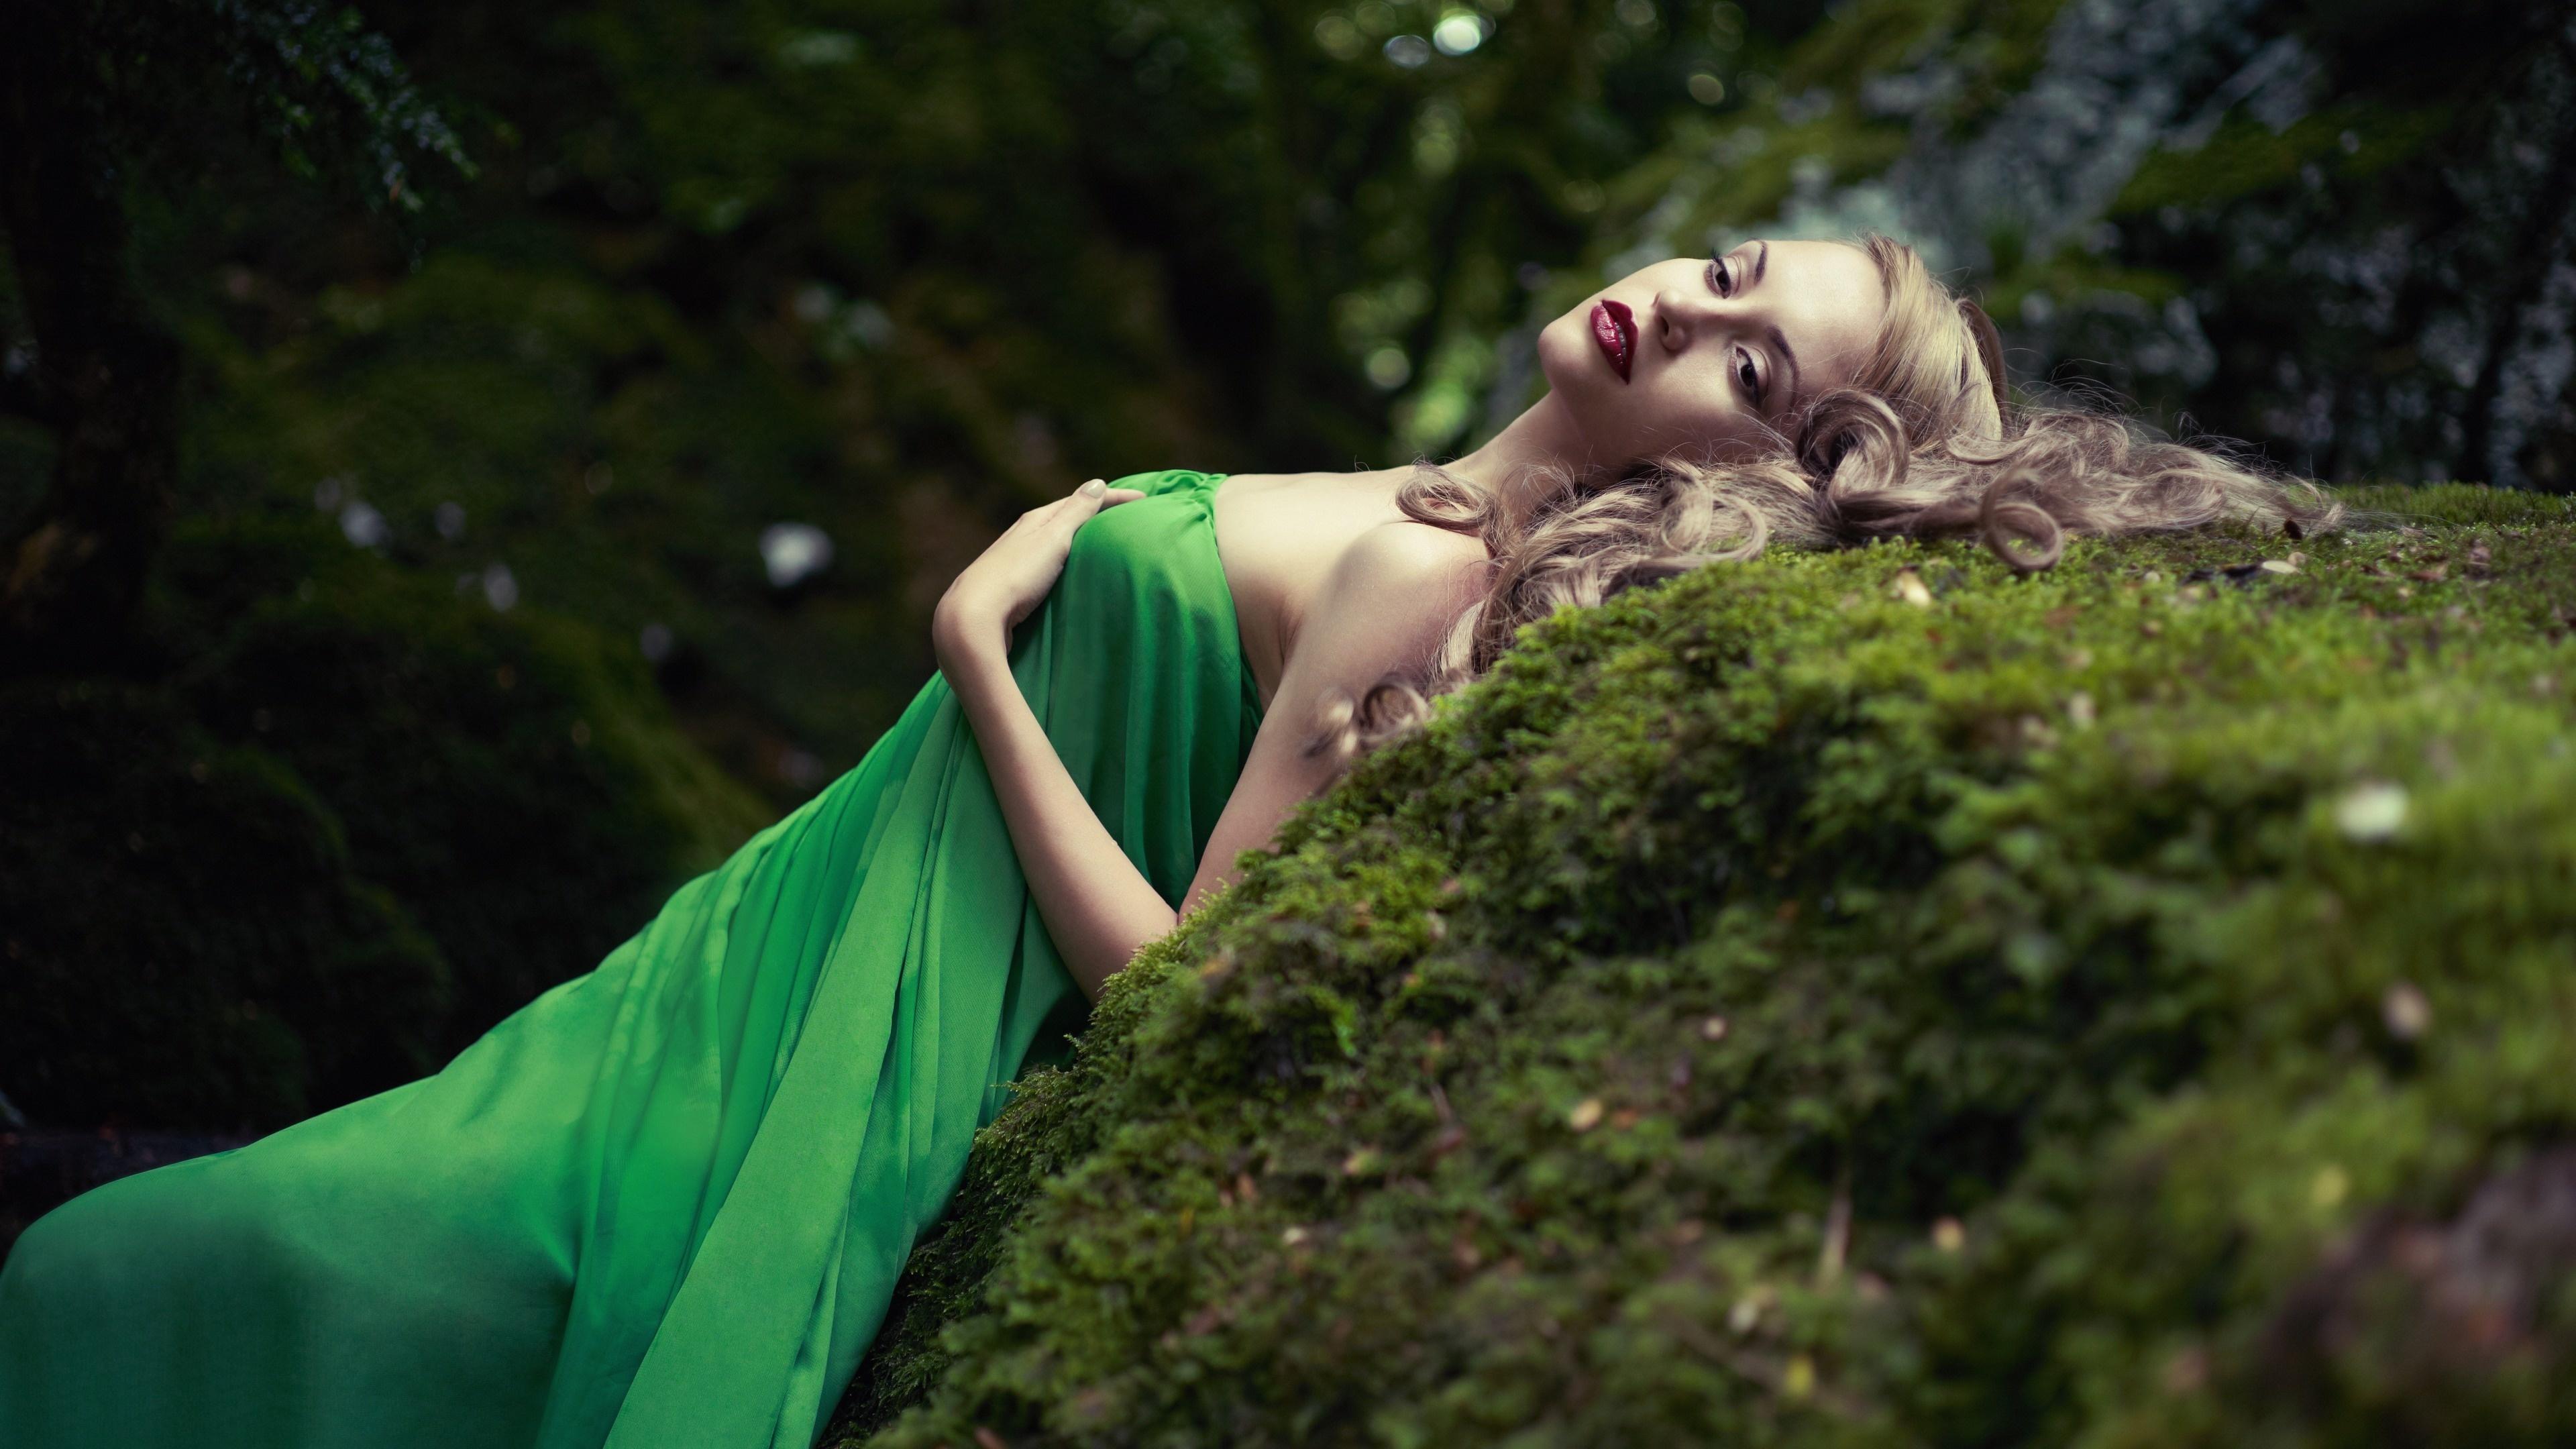 Фото в лесу летом идеи фото девушек